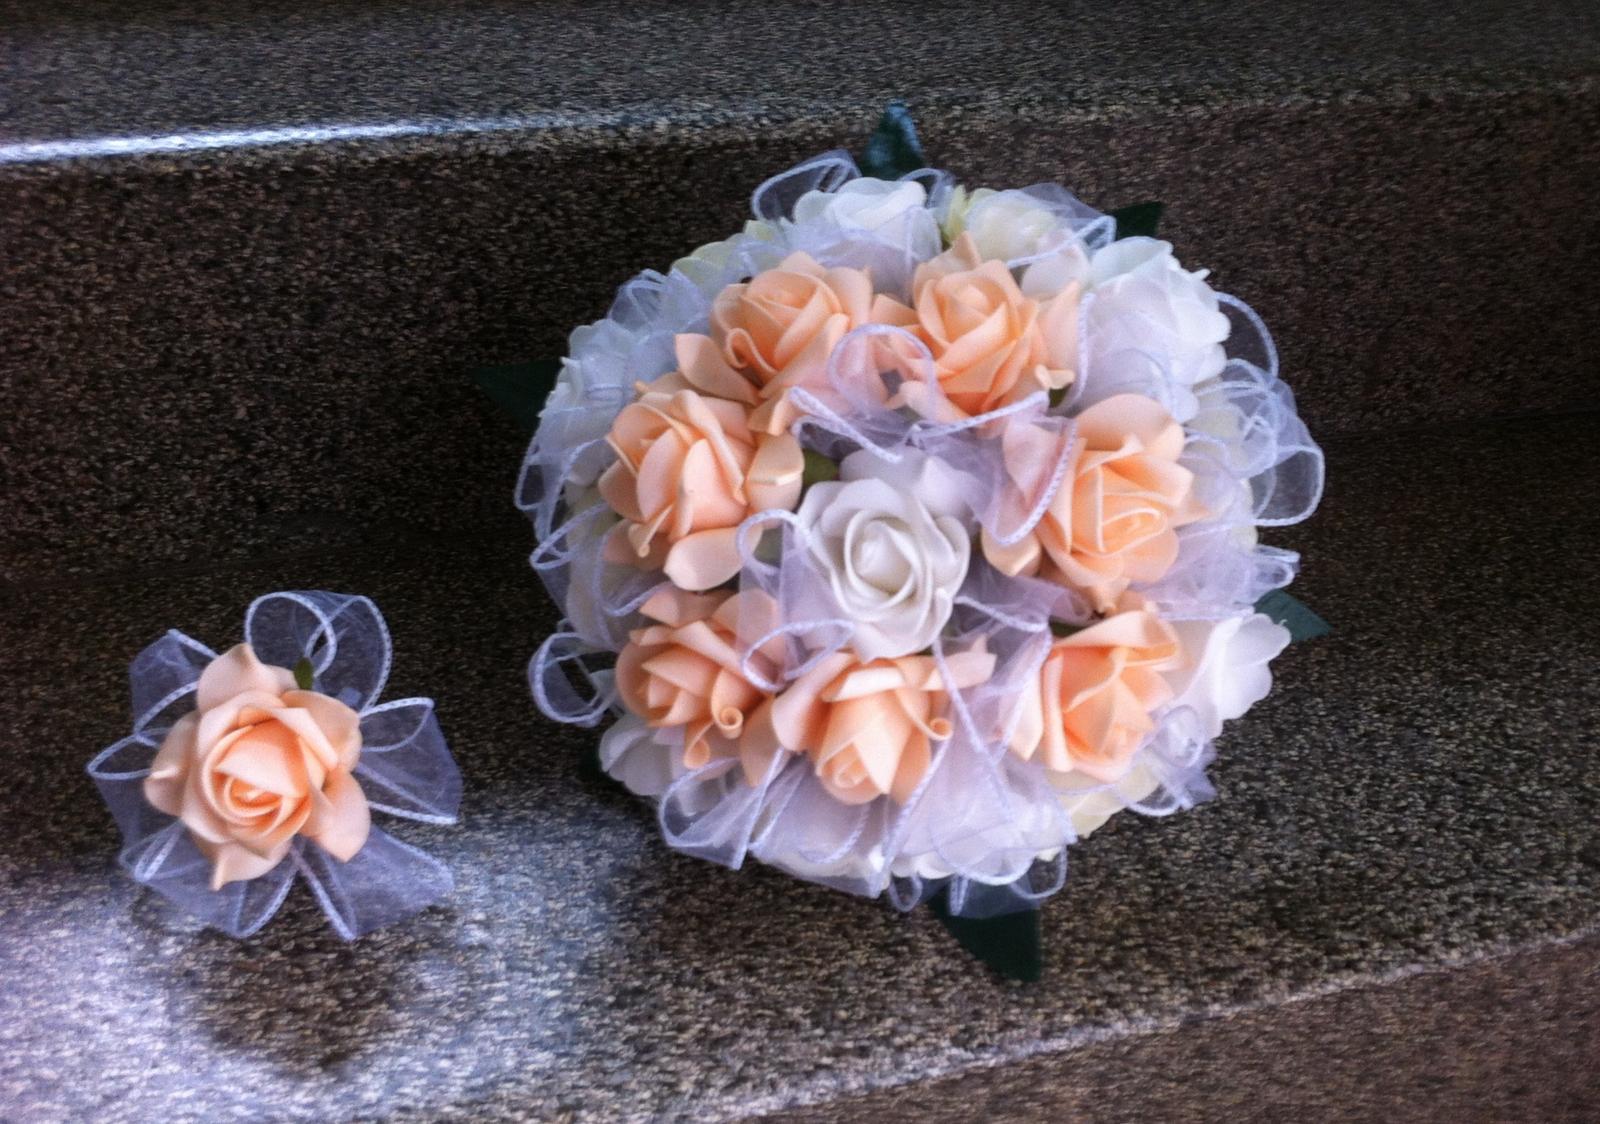 Netradiční svatební kytice - pěnové růžičky + polštářky pod prstýnky, košíčky - Obrázek č. 87